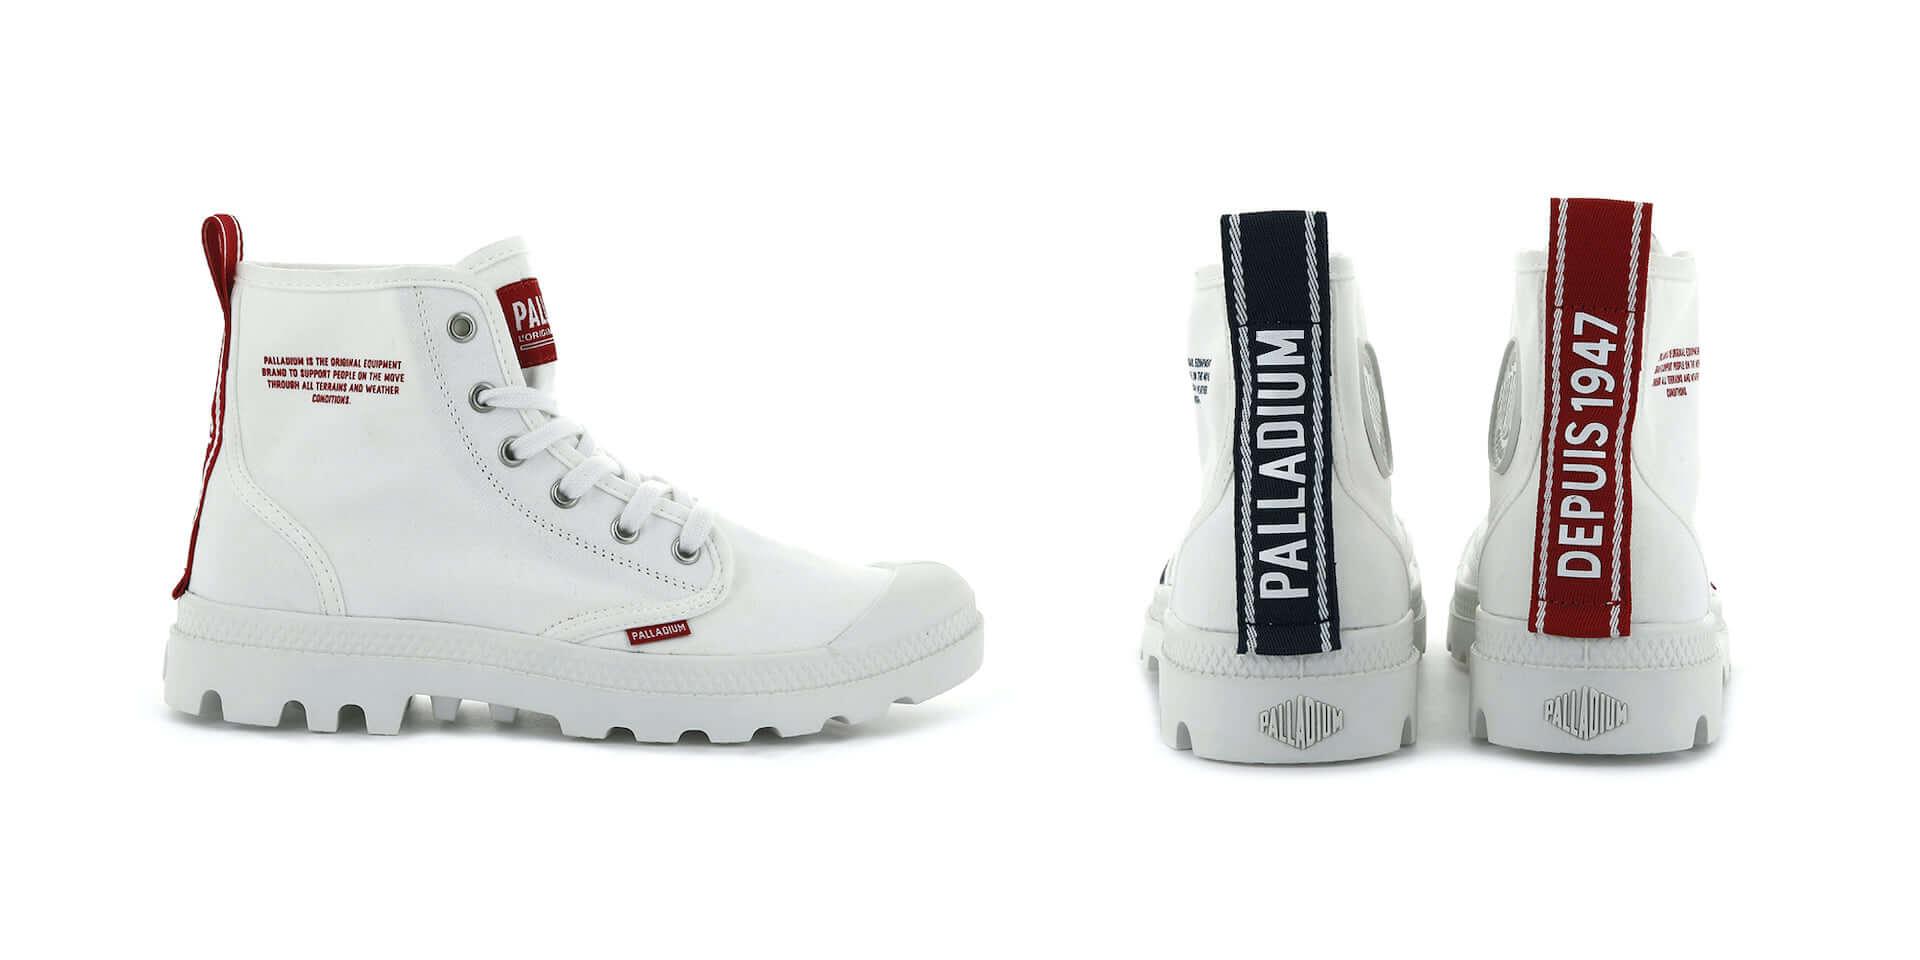 パラディウムの「PAMPA HI DARE」シリーズにS-Rush限定カラーが登場!自慢したくなるバックスタイル life200318_palladium_boots_6-1920x960